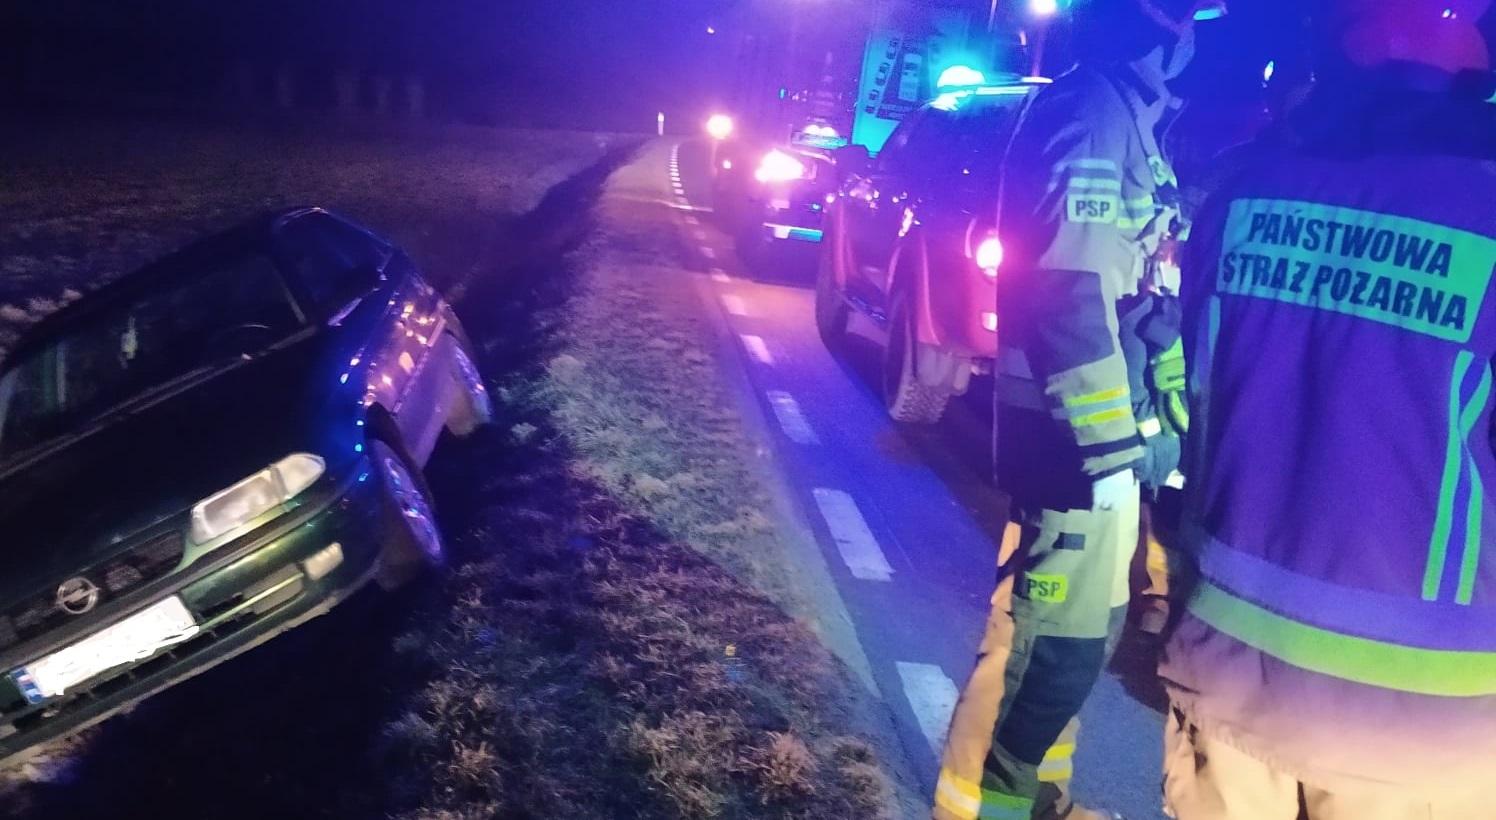 Wypadek pod Płockiem. Samochód wypadł z drogi [ZDJĘCIA] - Zdjęcie główne